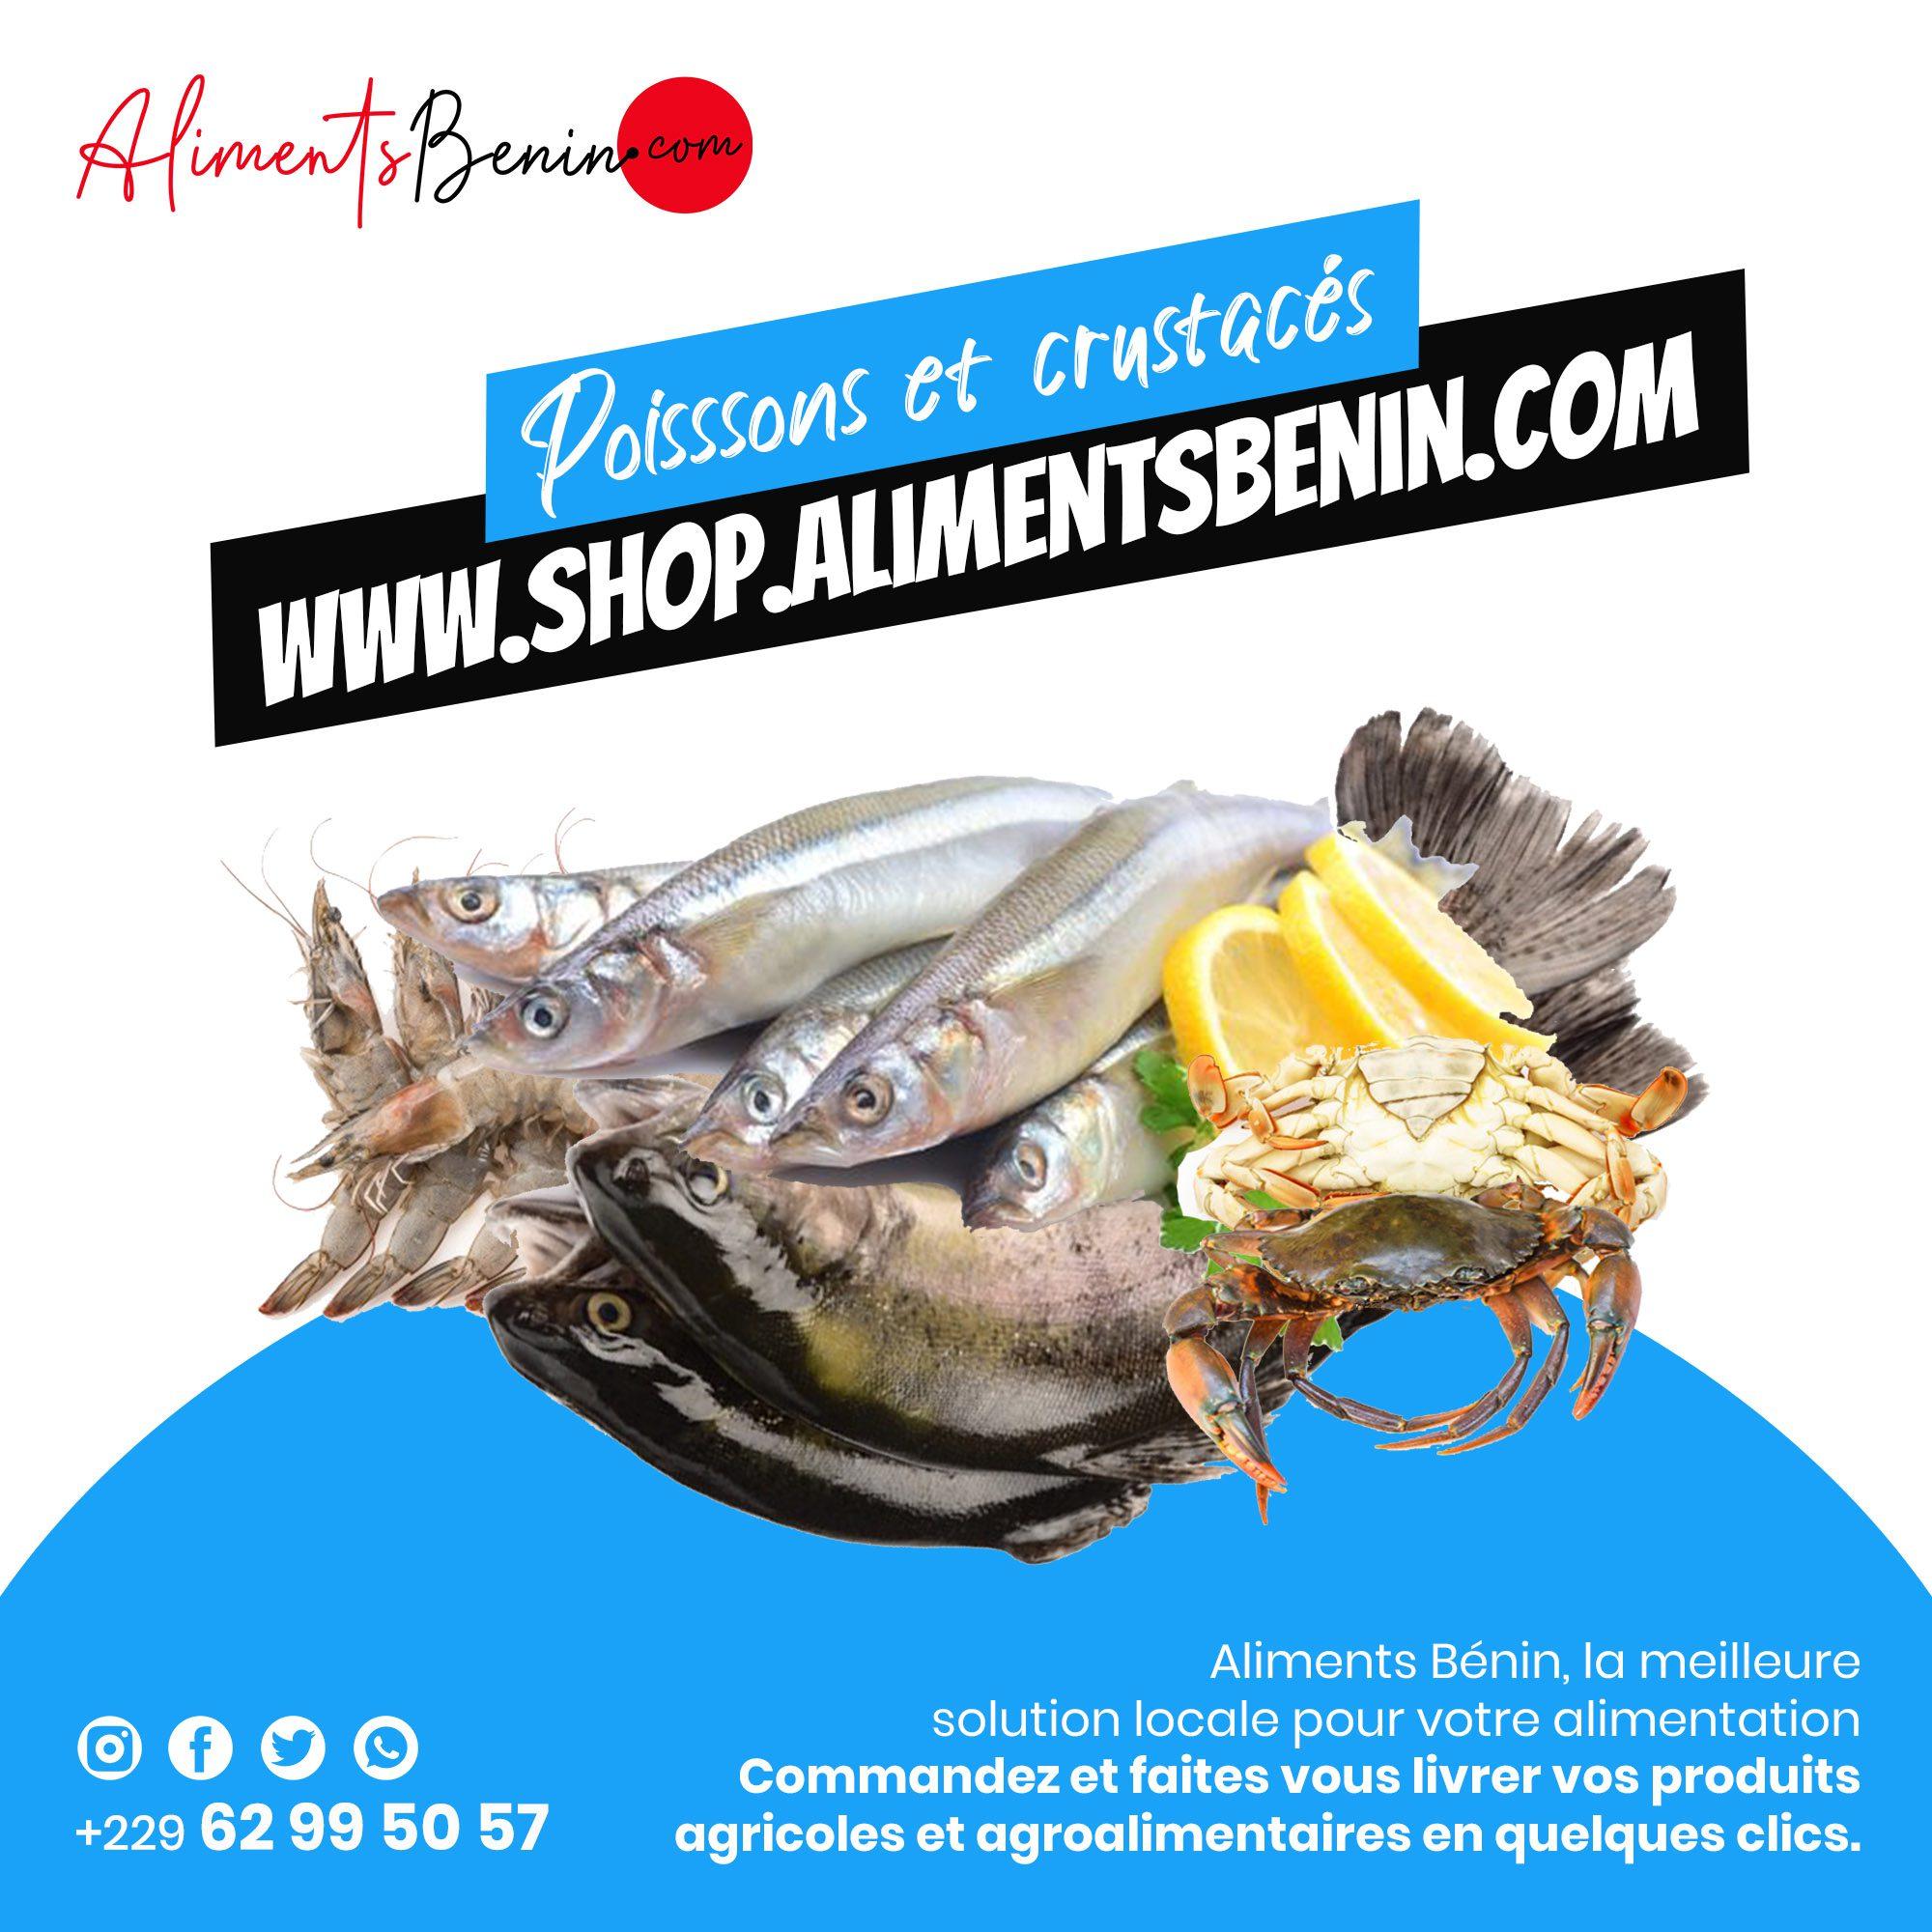 Poissons & Crustacés